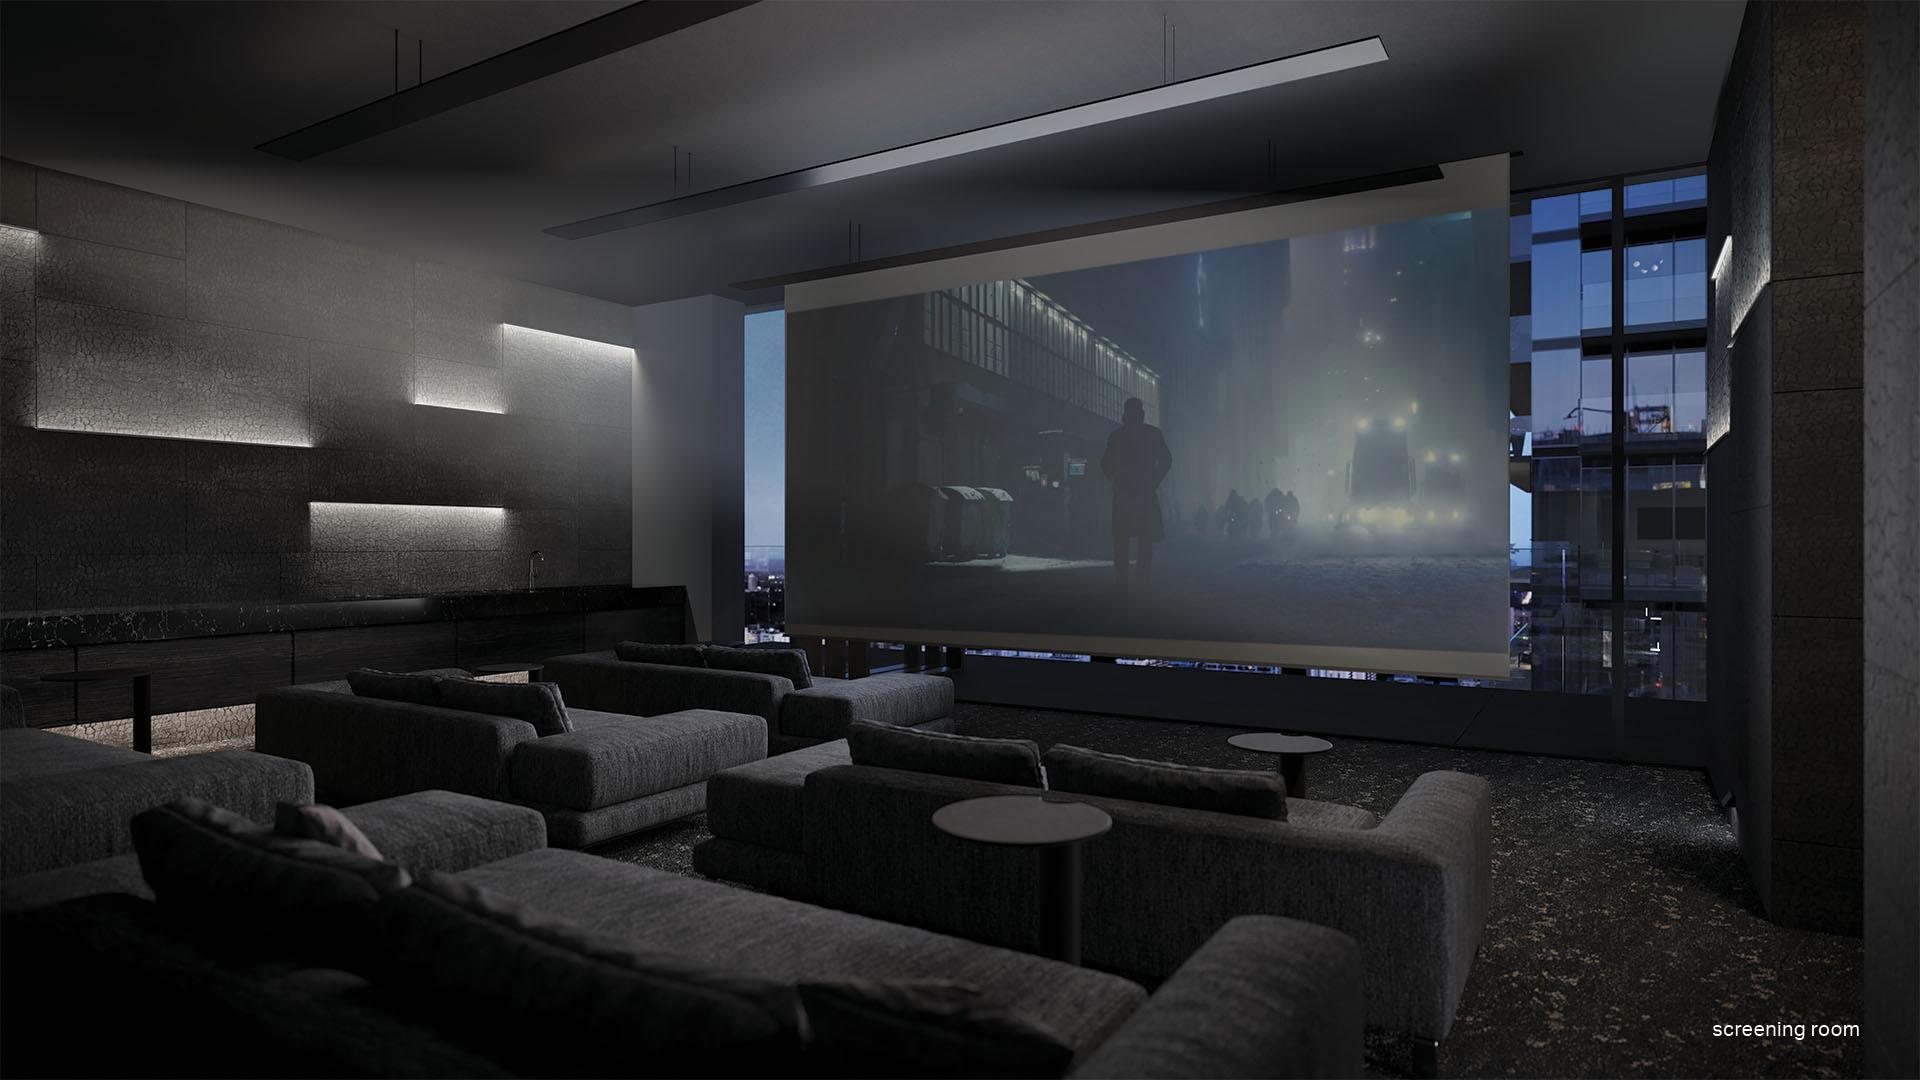 7-Screening-Room